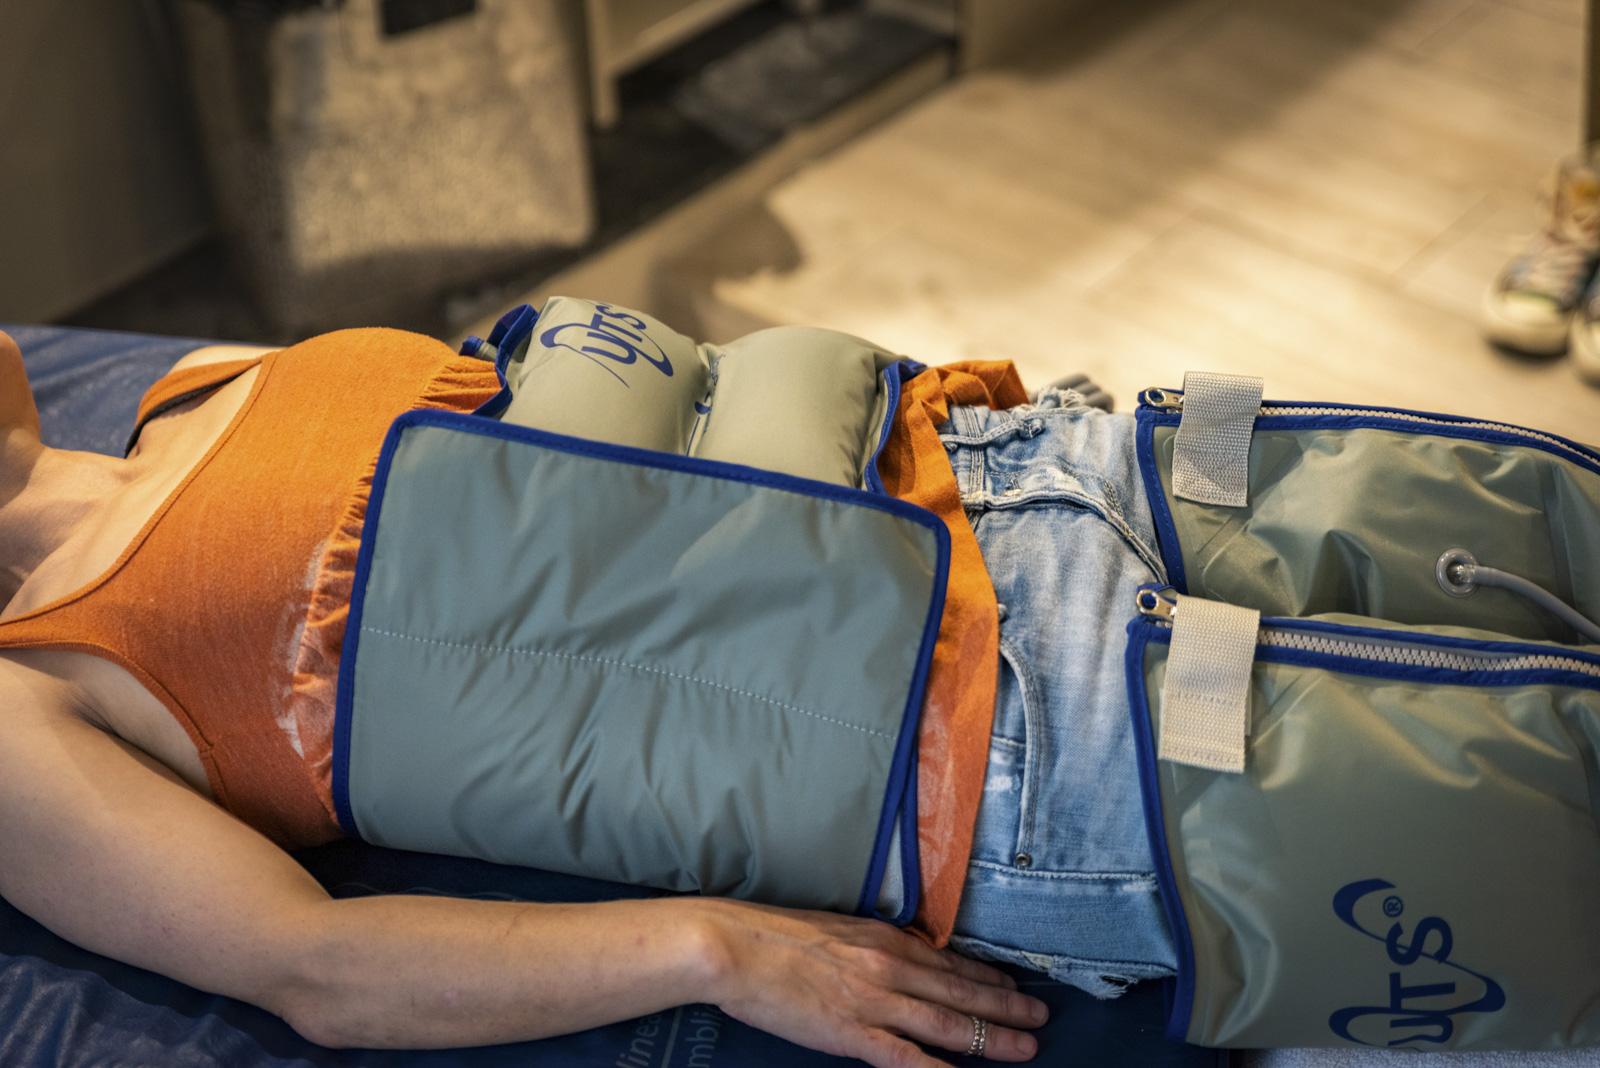 Tratamiento de presoterapia tatami